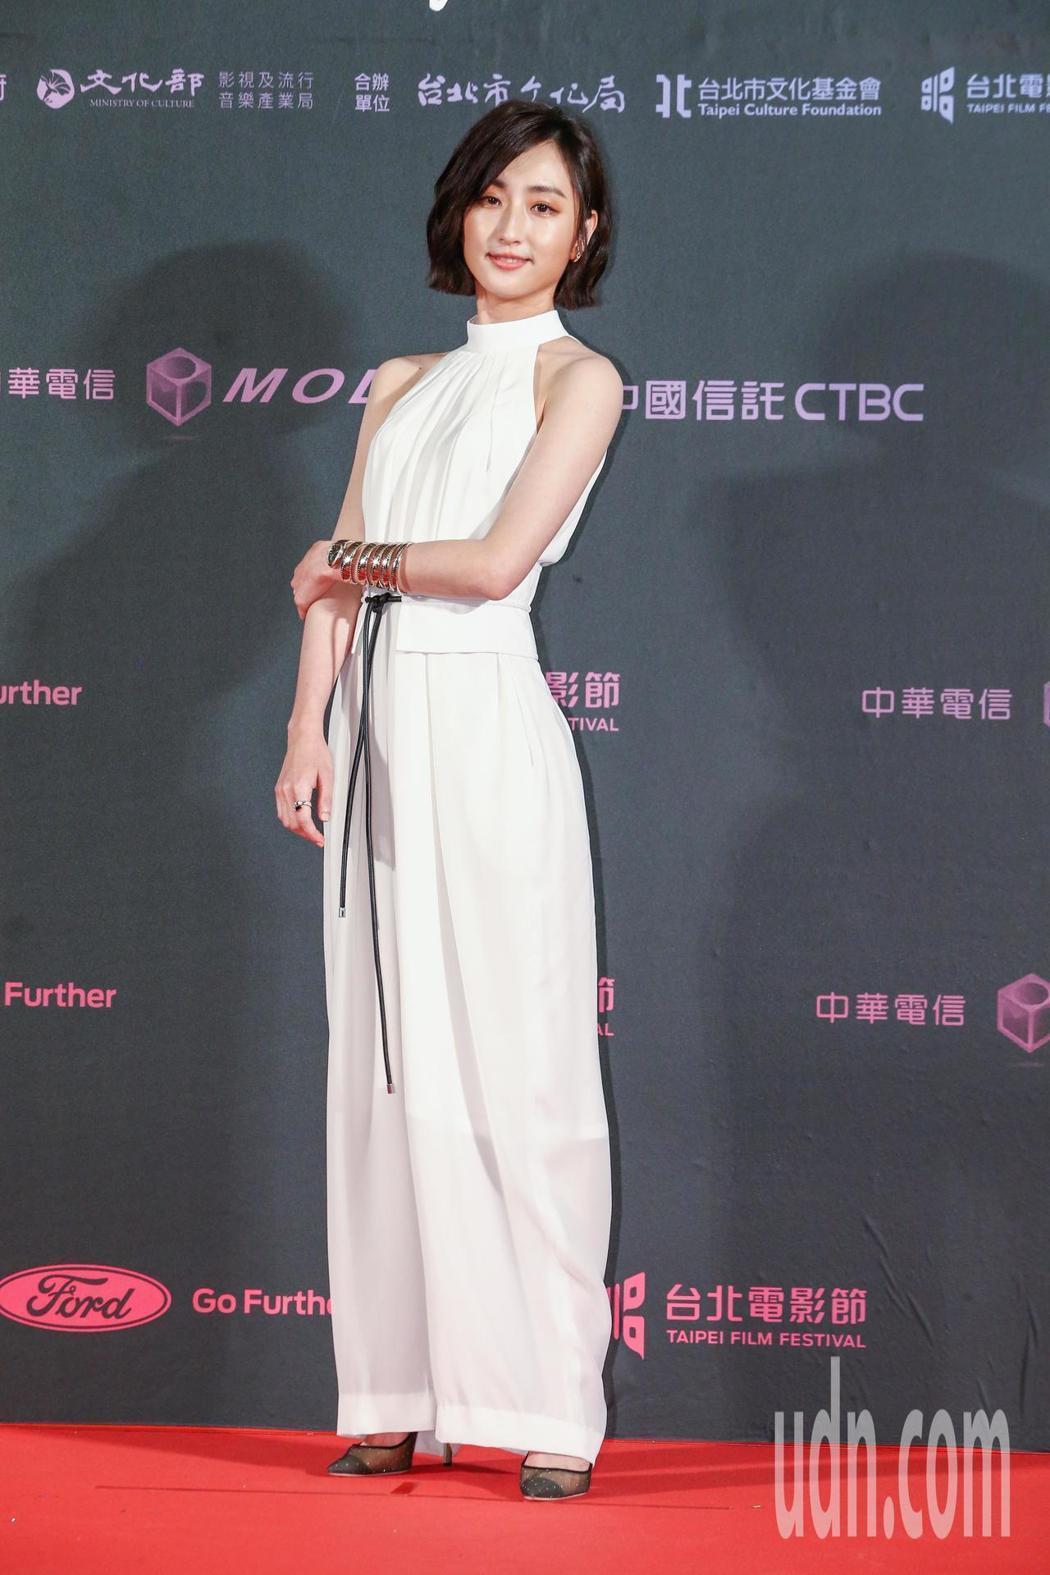 台北電影獎頒獎人柯佳嬿配戴寶格麗珠寶。記者曾原信/攝影